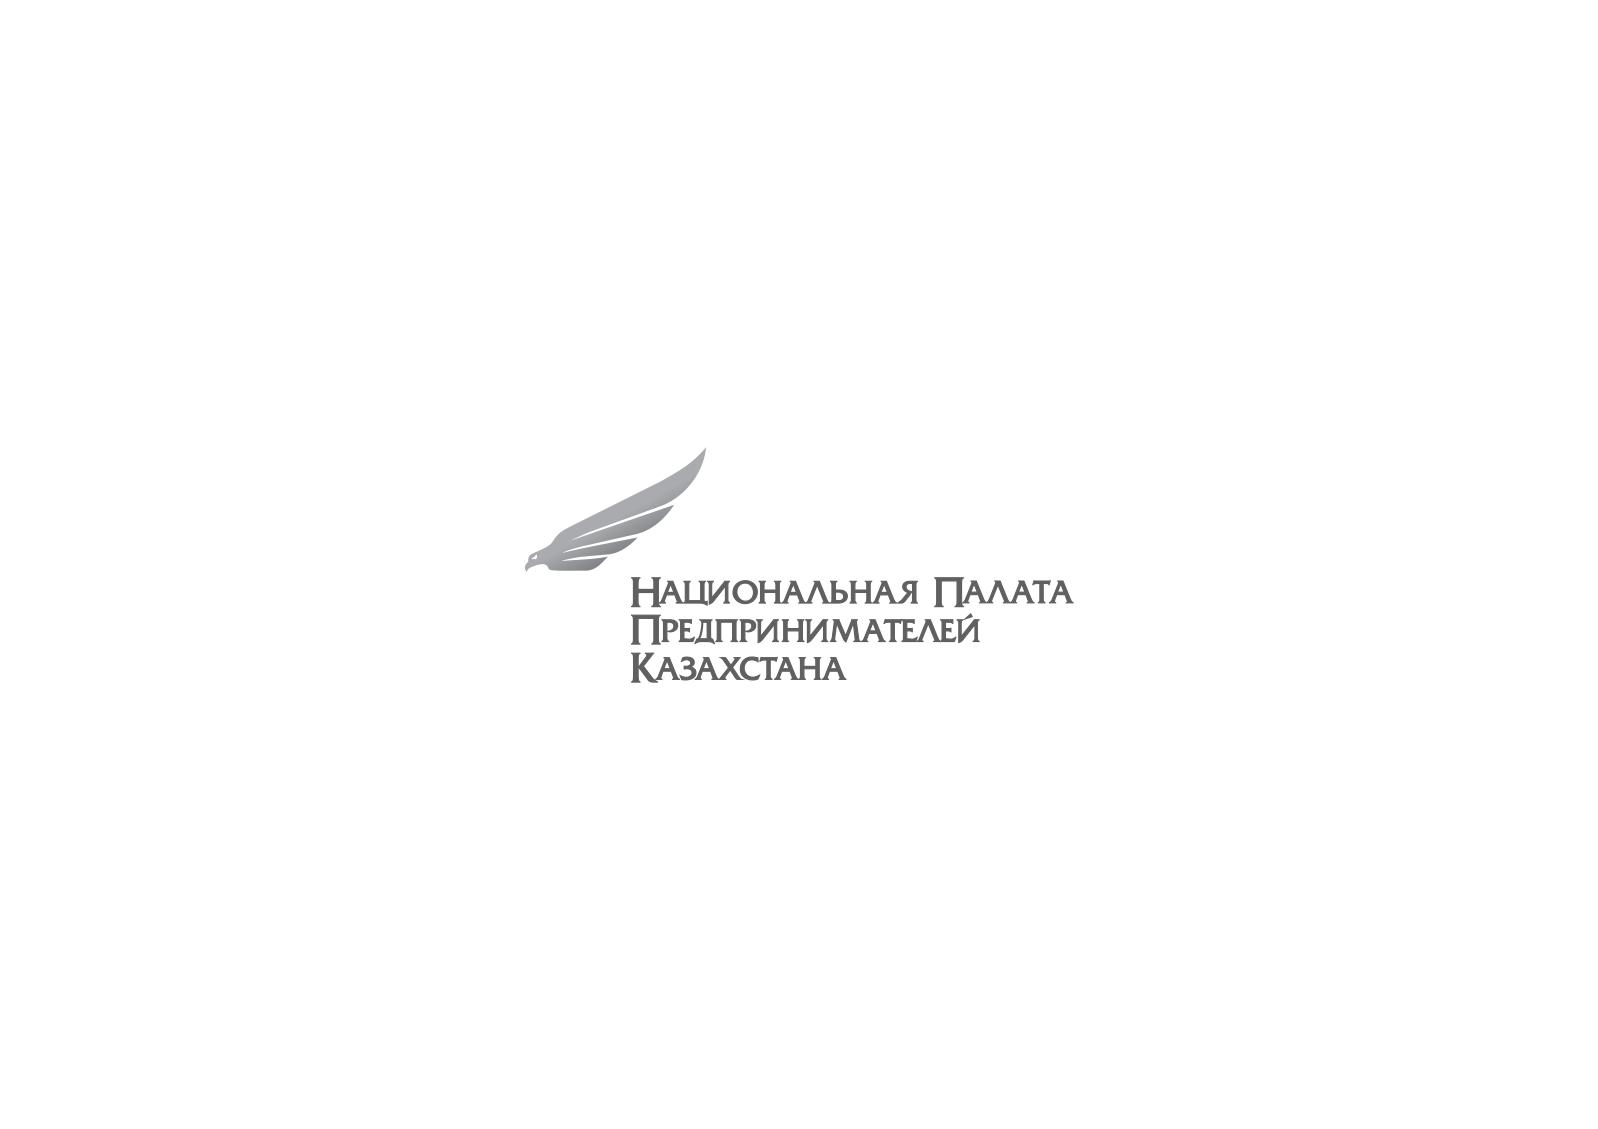 Выбираем лого для Национальной палаты предпринимателей (голосование)